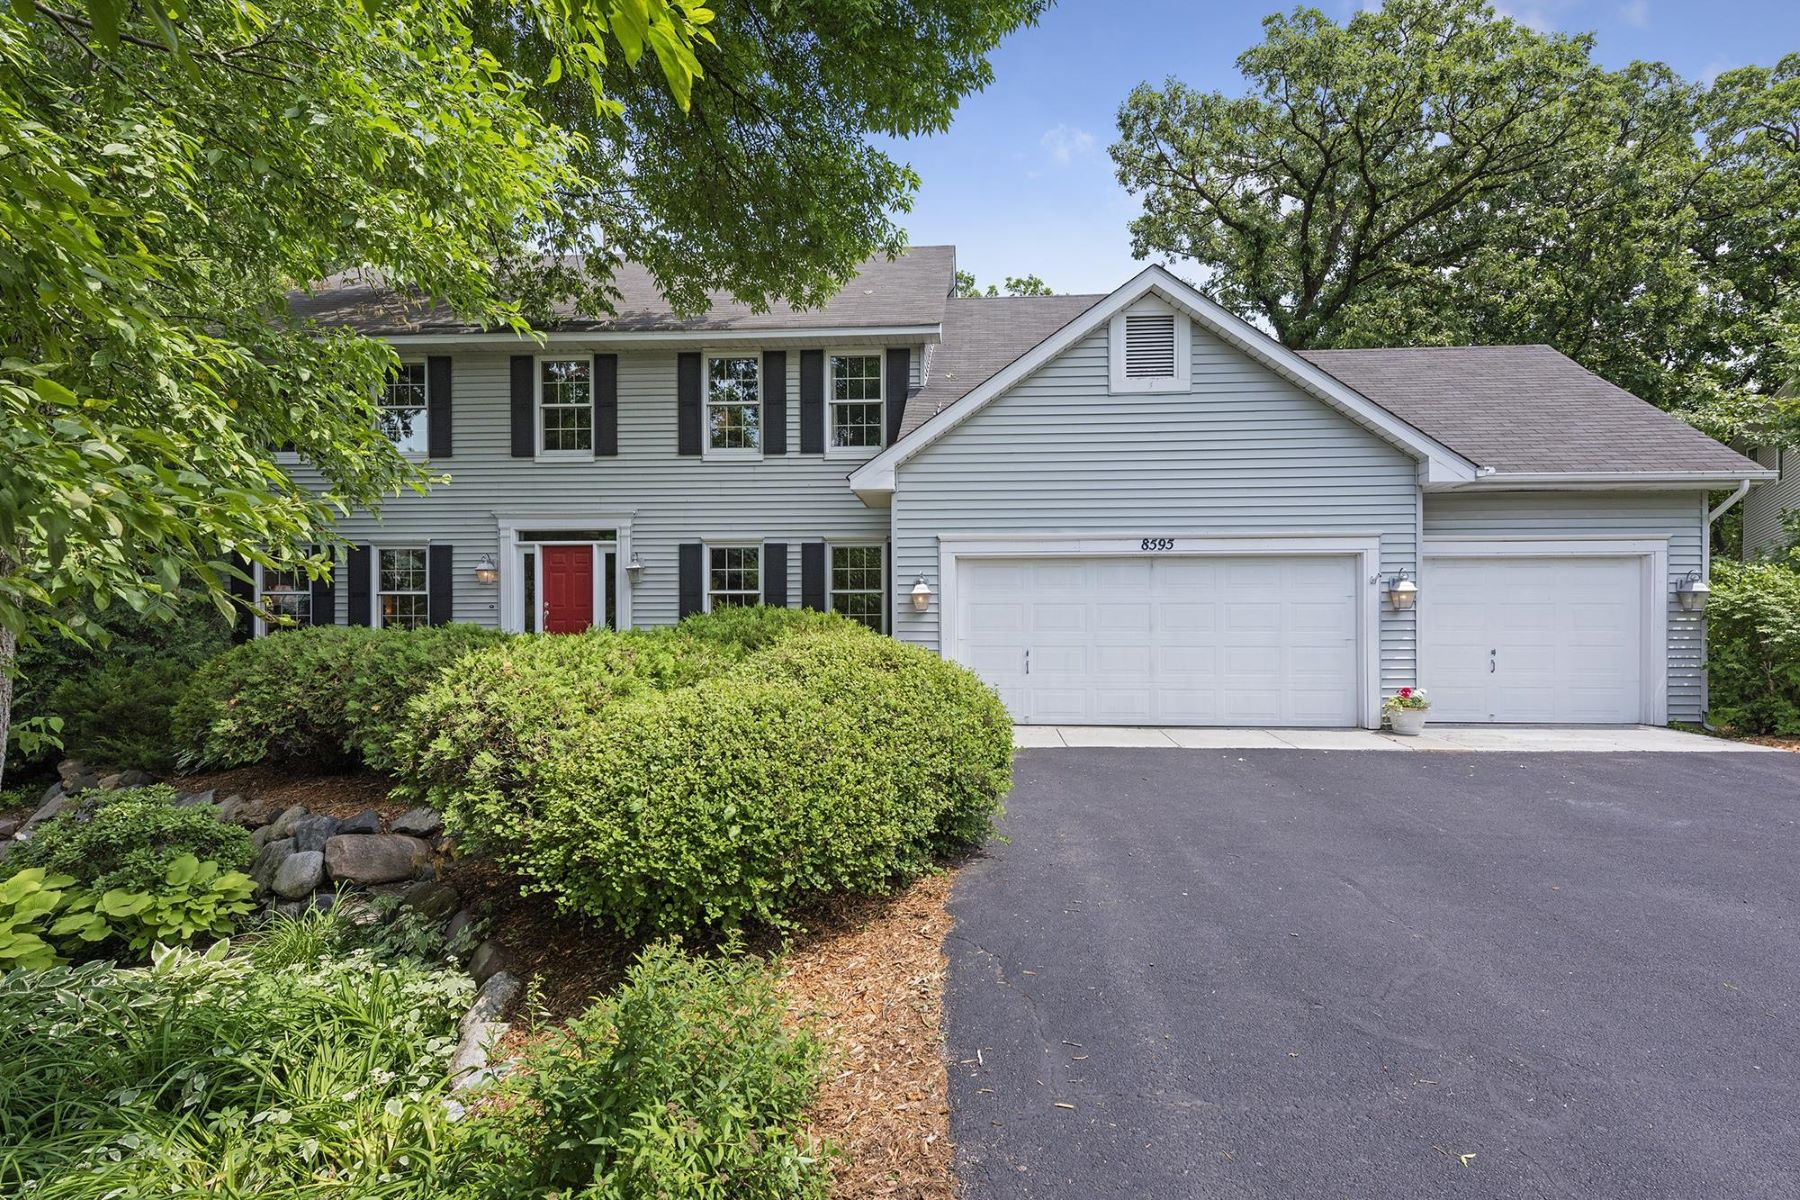 Casa para uma família para Venda às 8595 Drake Court Chanhassen, Minnesota, 55317 Estados Unidos